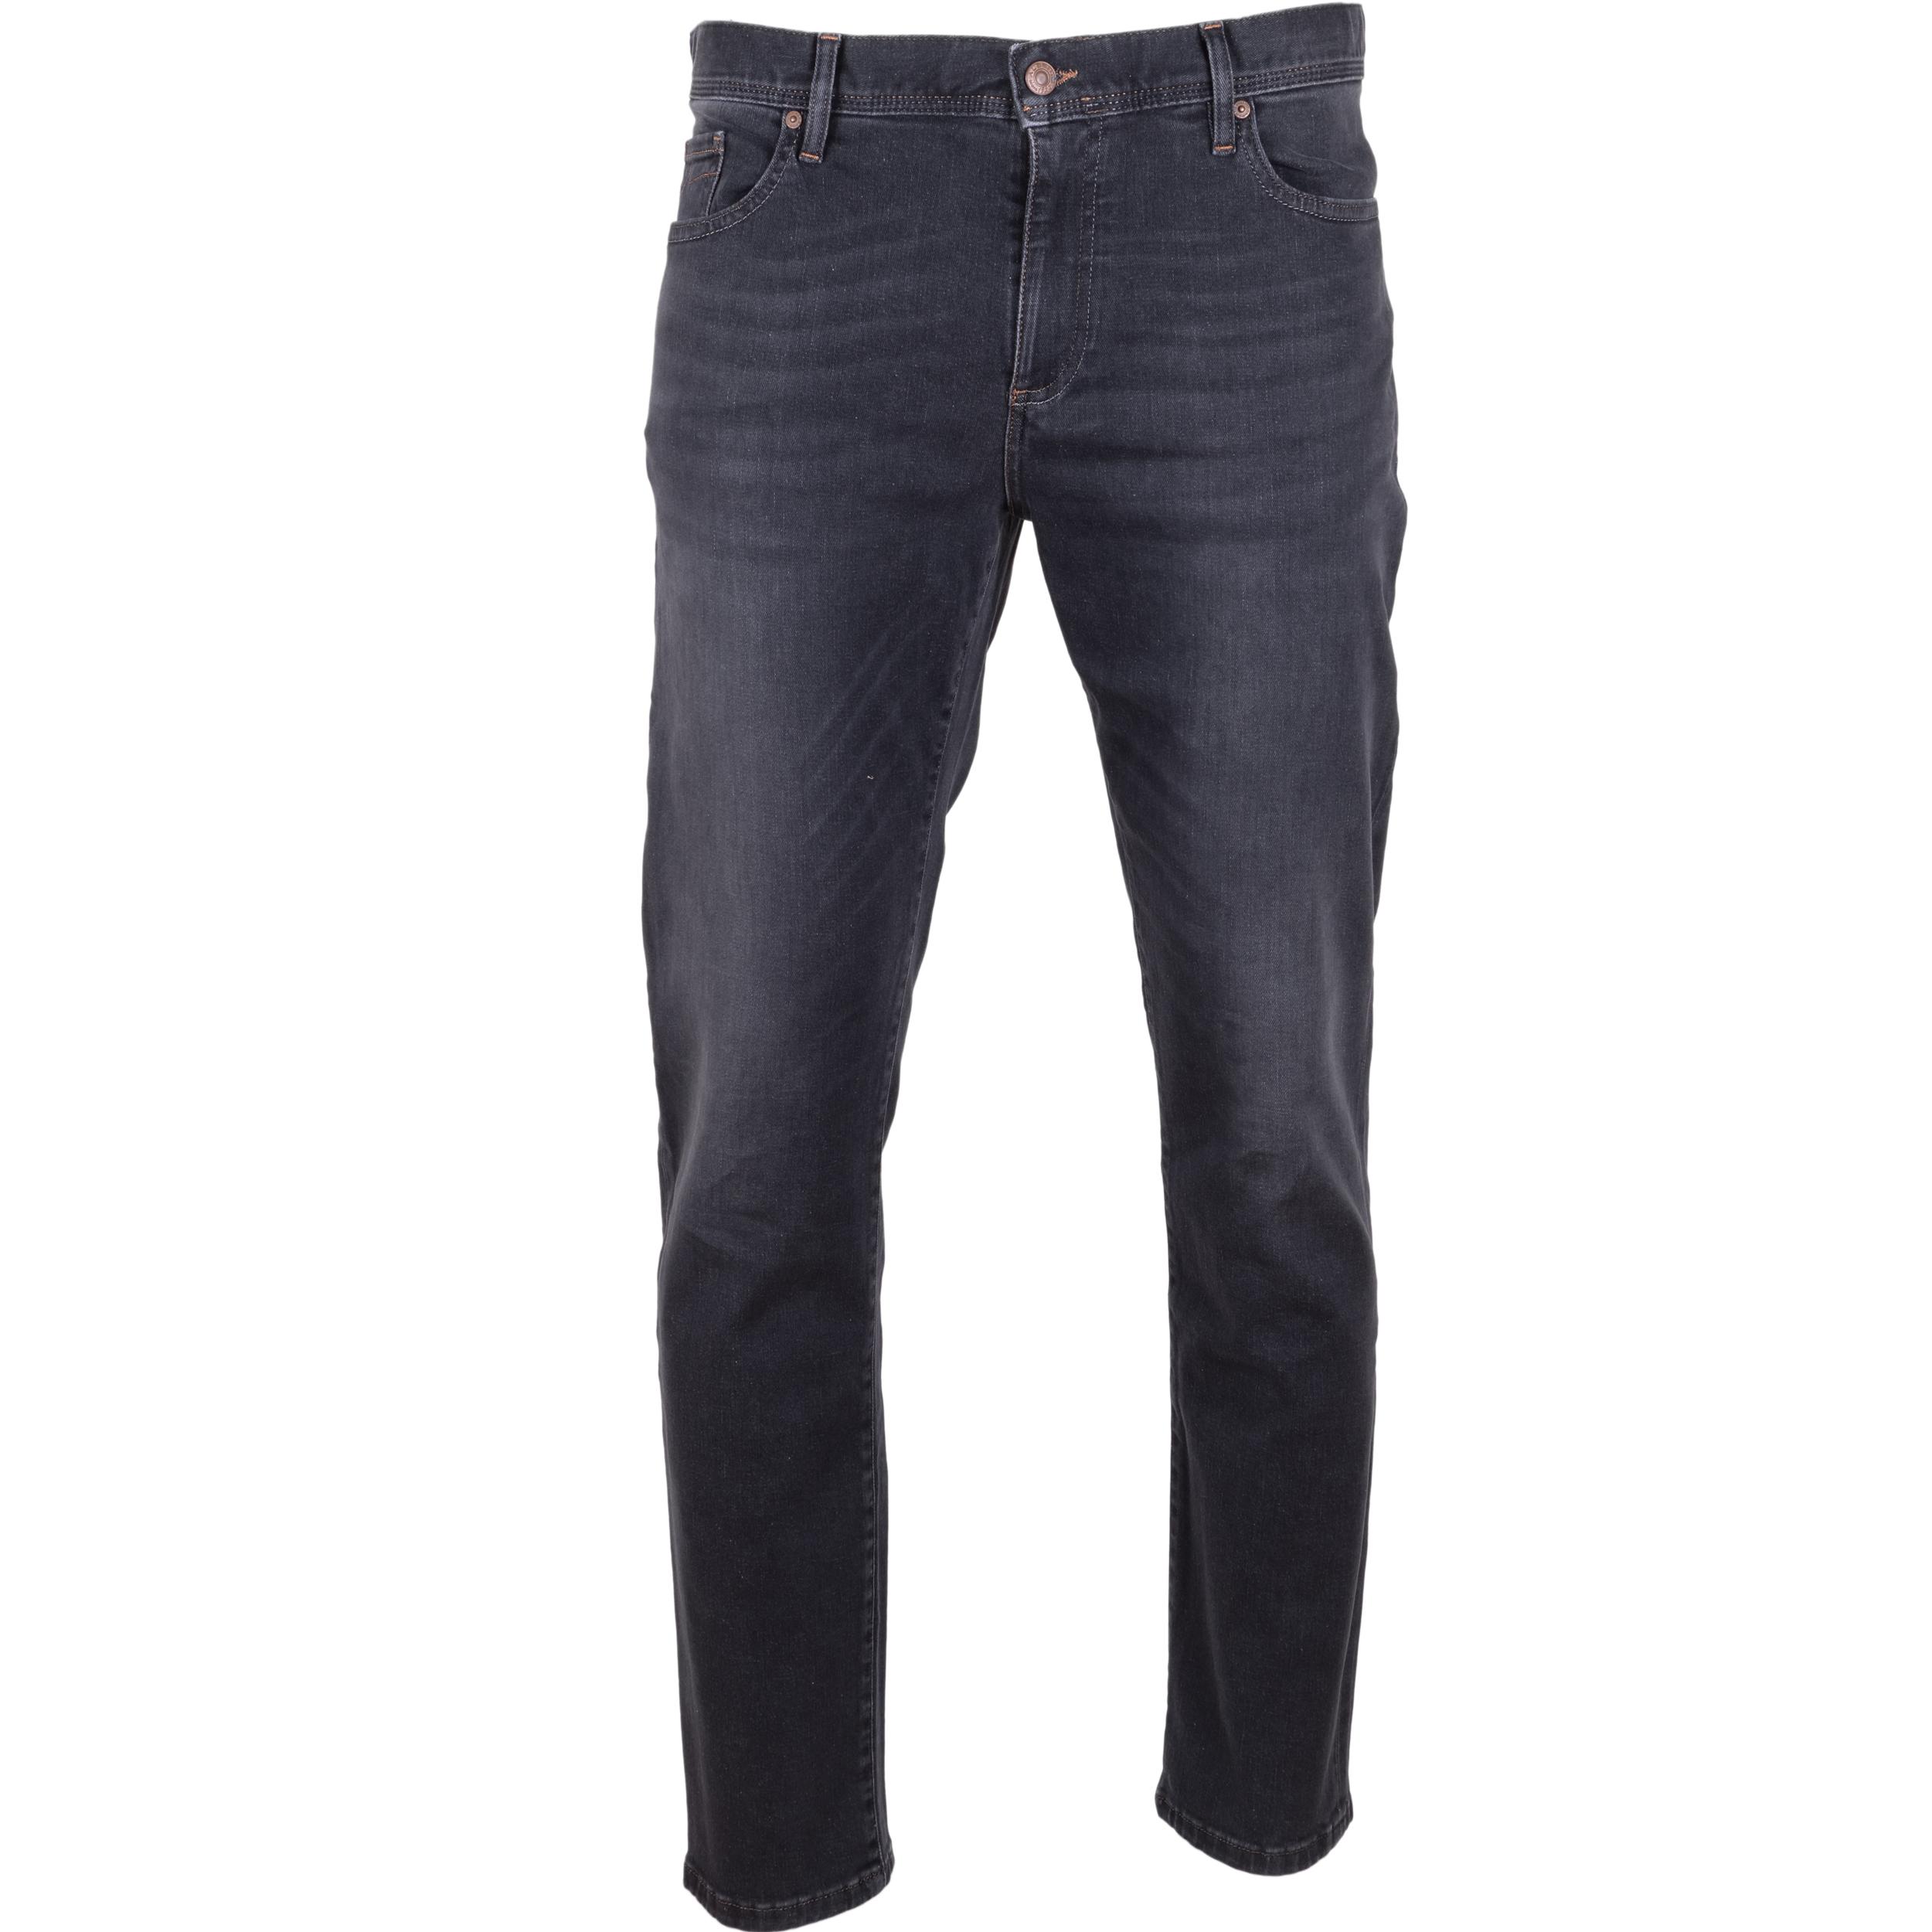 Alberto Herren Jeans Pipe regular fit - grey 36/32